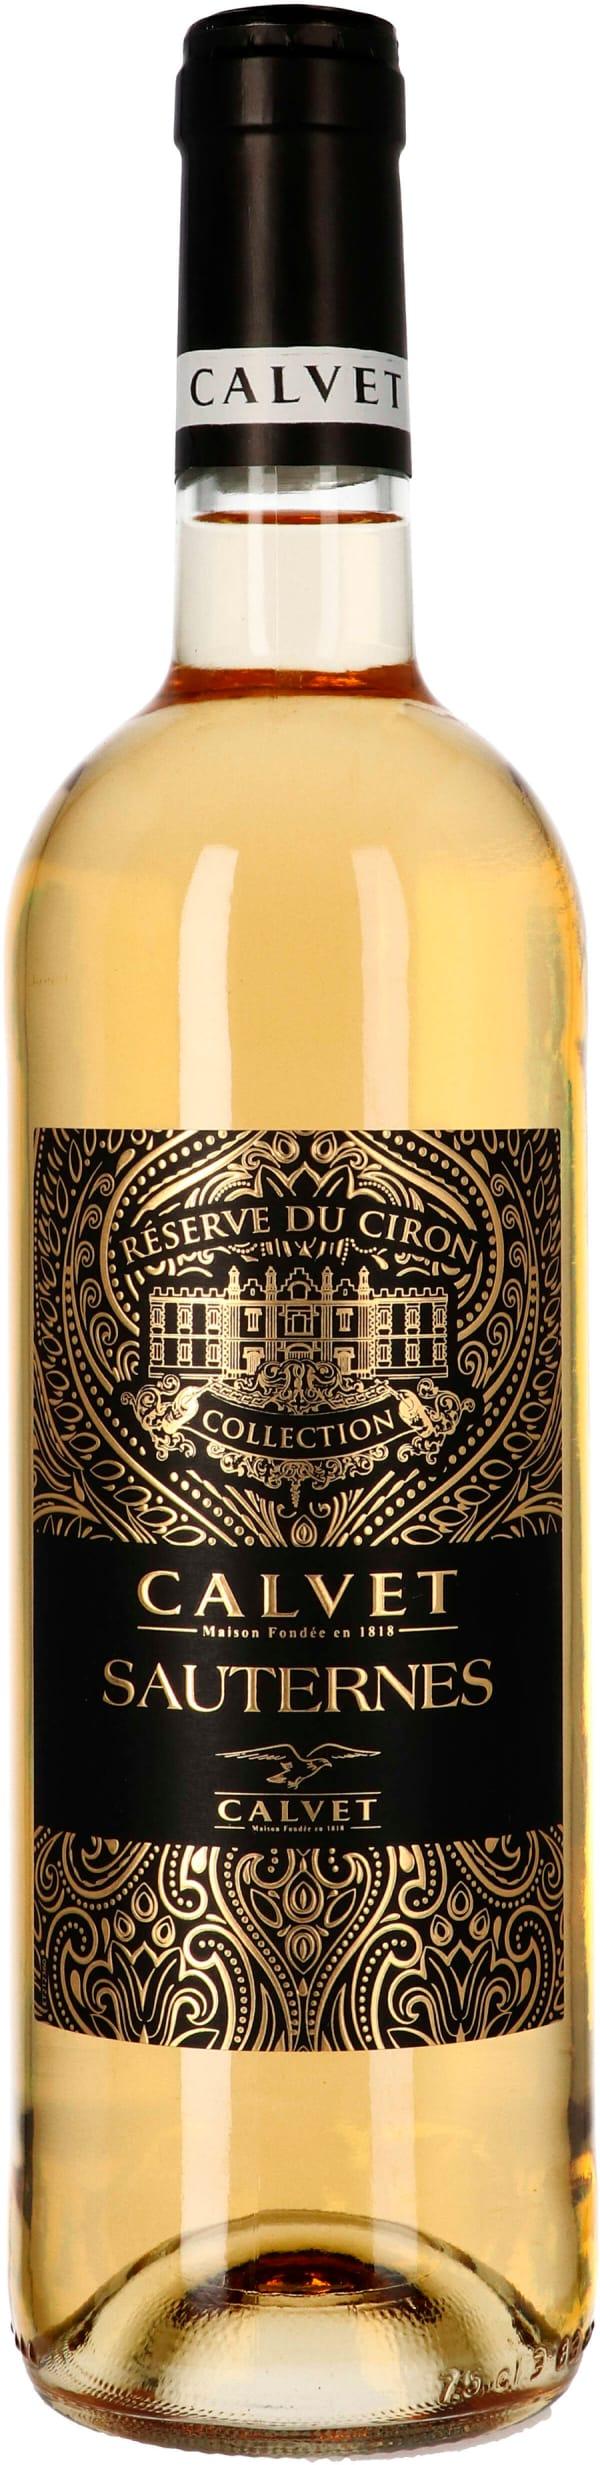 Calvet Réserve du Ciron Sauternes 2017